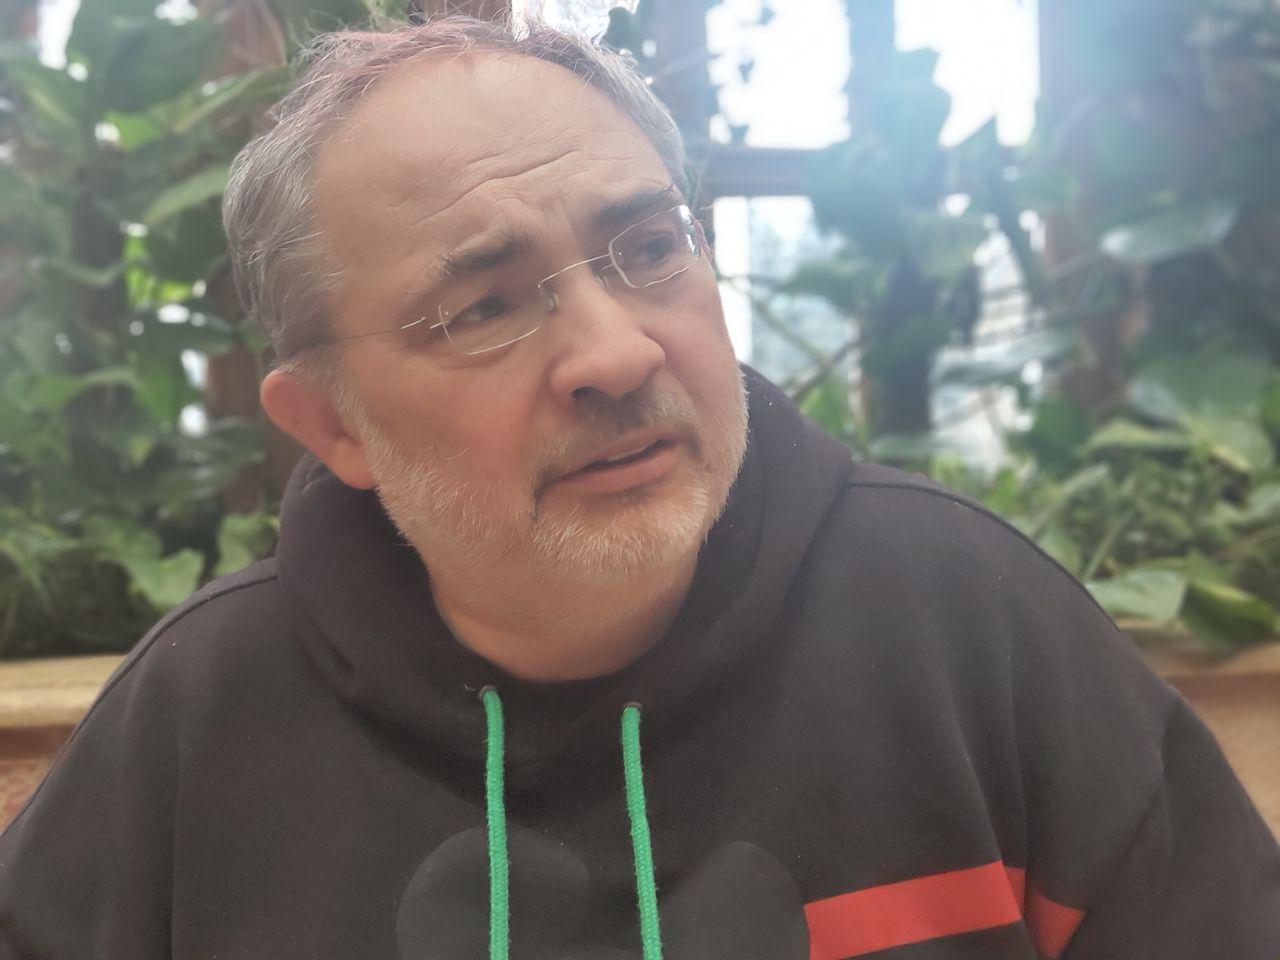 Цифровой Марат Гельман победил в диалоге с кибер-Алисой 1